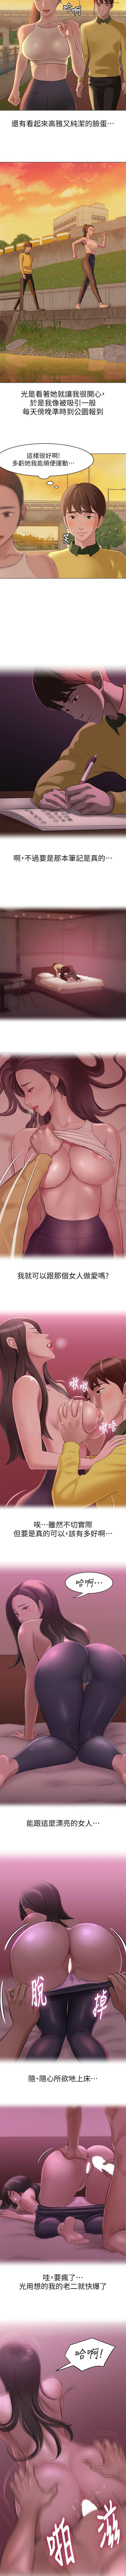 panty note 小褲褲筆記 小裤裤笔记 01-35 连载中 中文 重新排序 Reorder 3